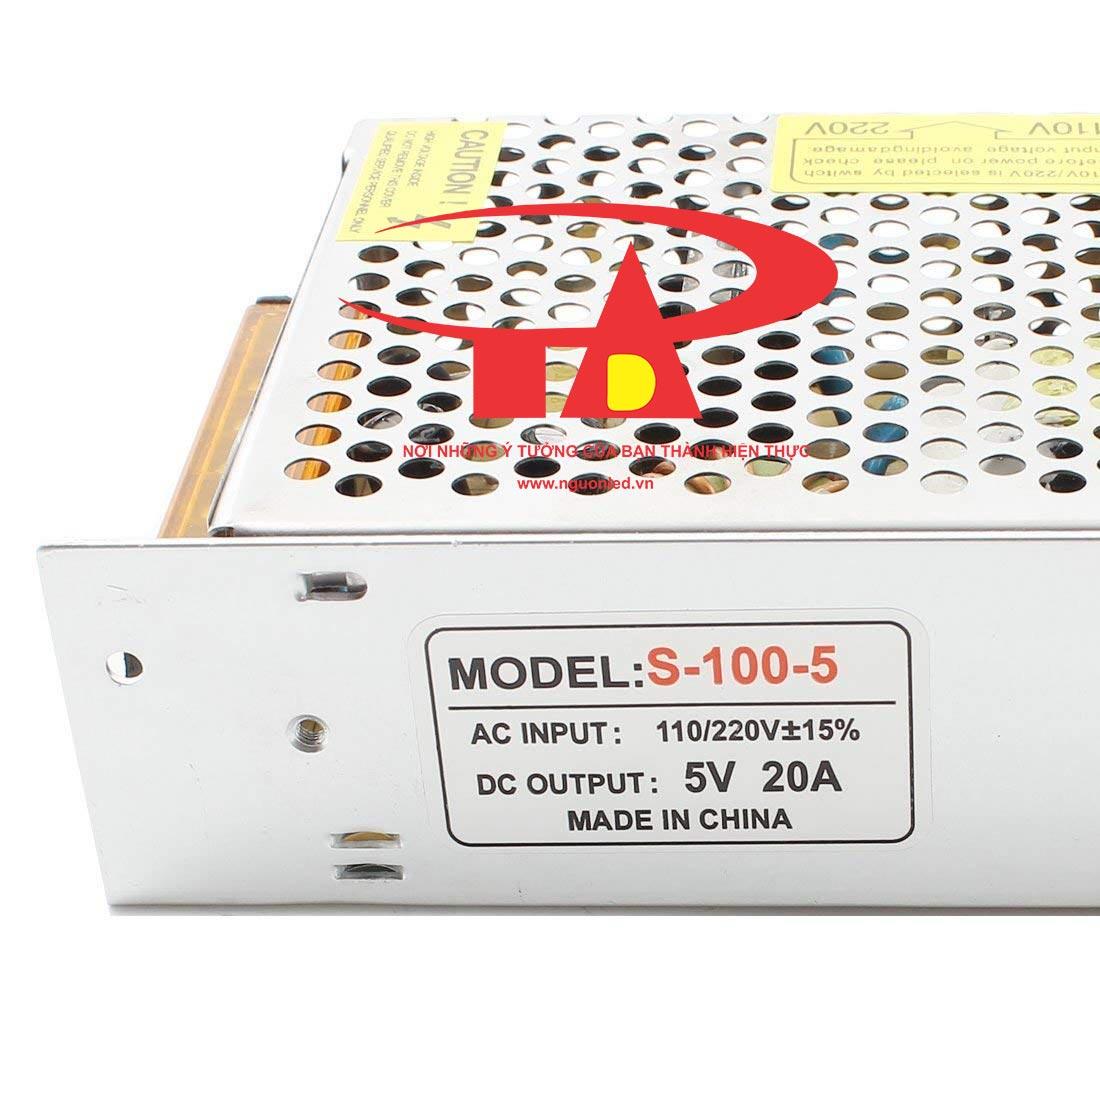 Bộ Nguồn 5V 20A loại tốt, giá rẻ, chất lượng, đủ ampe, dùng cho tự động hóa, camera, đèn led, nguonled.vn